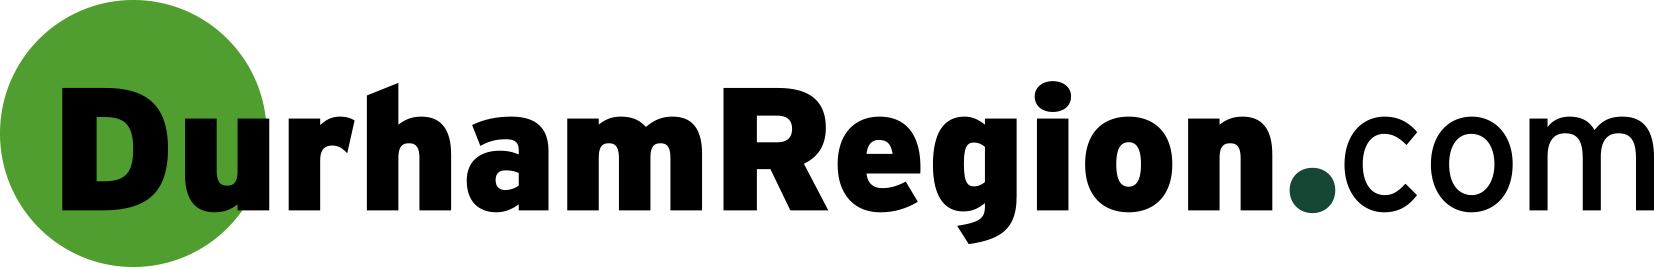 Durham Region